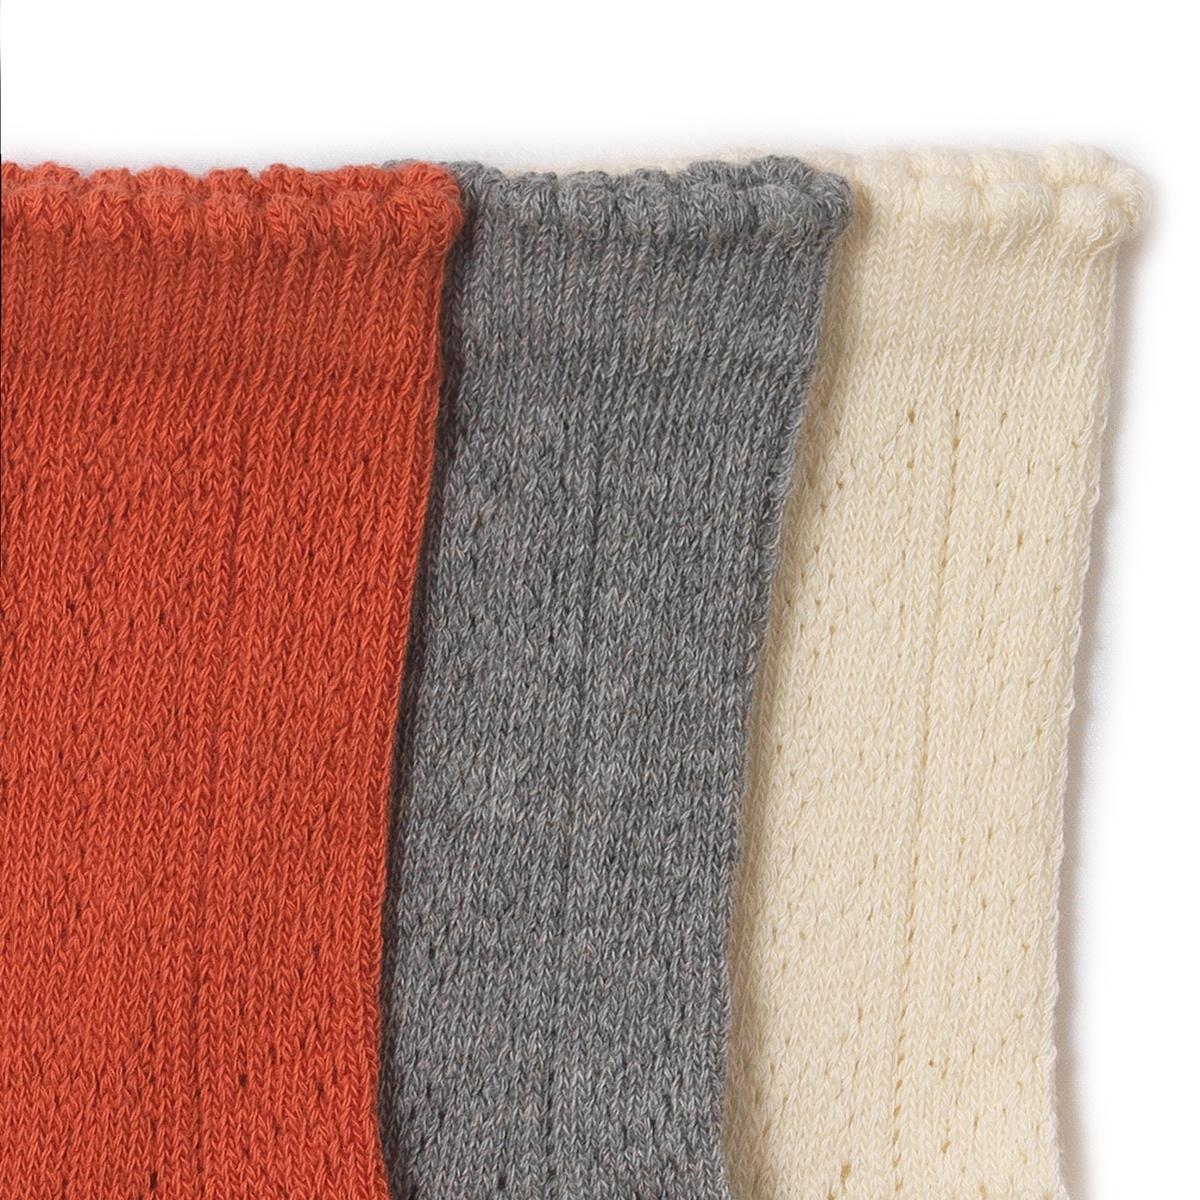 Носки оригинальные (комплект из 3 пар)Фантазийные носки. В комплекте 3 пары носков. Состав и описание : Материал      80% хлопка, 20% полиамида  Марка      abcdRУход :Ручная стирка.Машинная сушка запрещена.Не гладить.<br><br>Цвет: разноцветный<br>Размер: 19/22.23/26.27/30.35/38